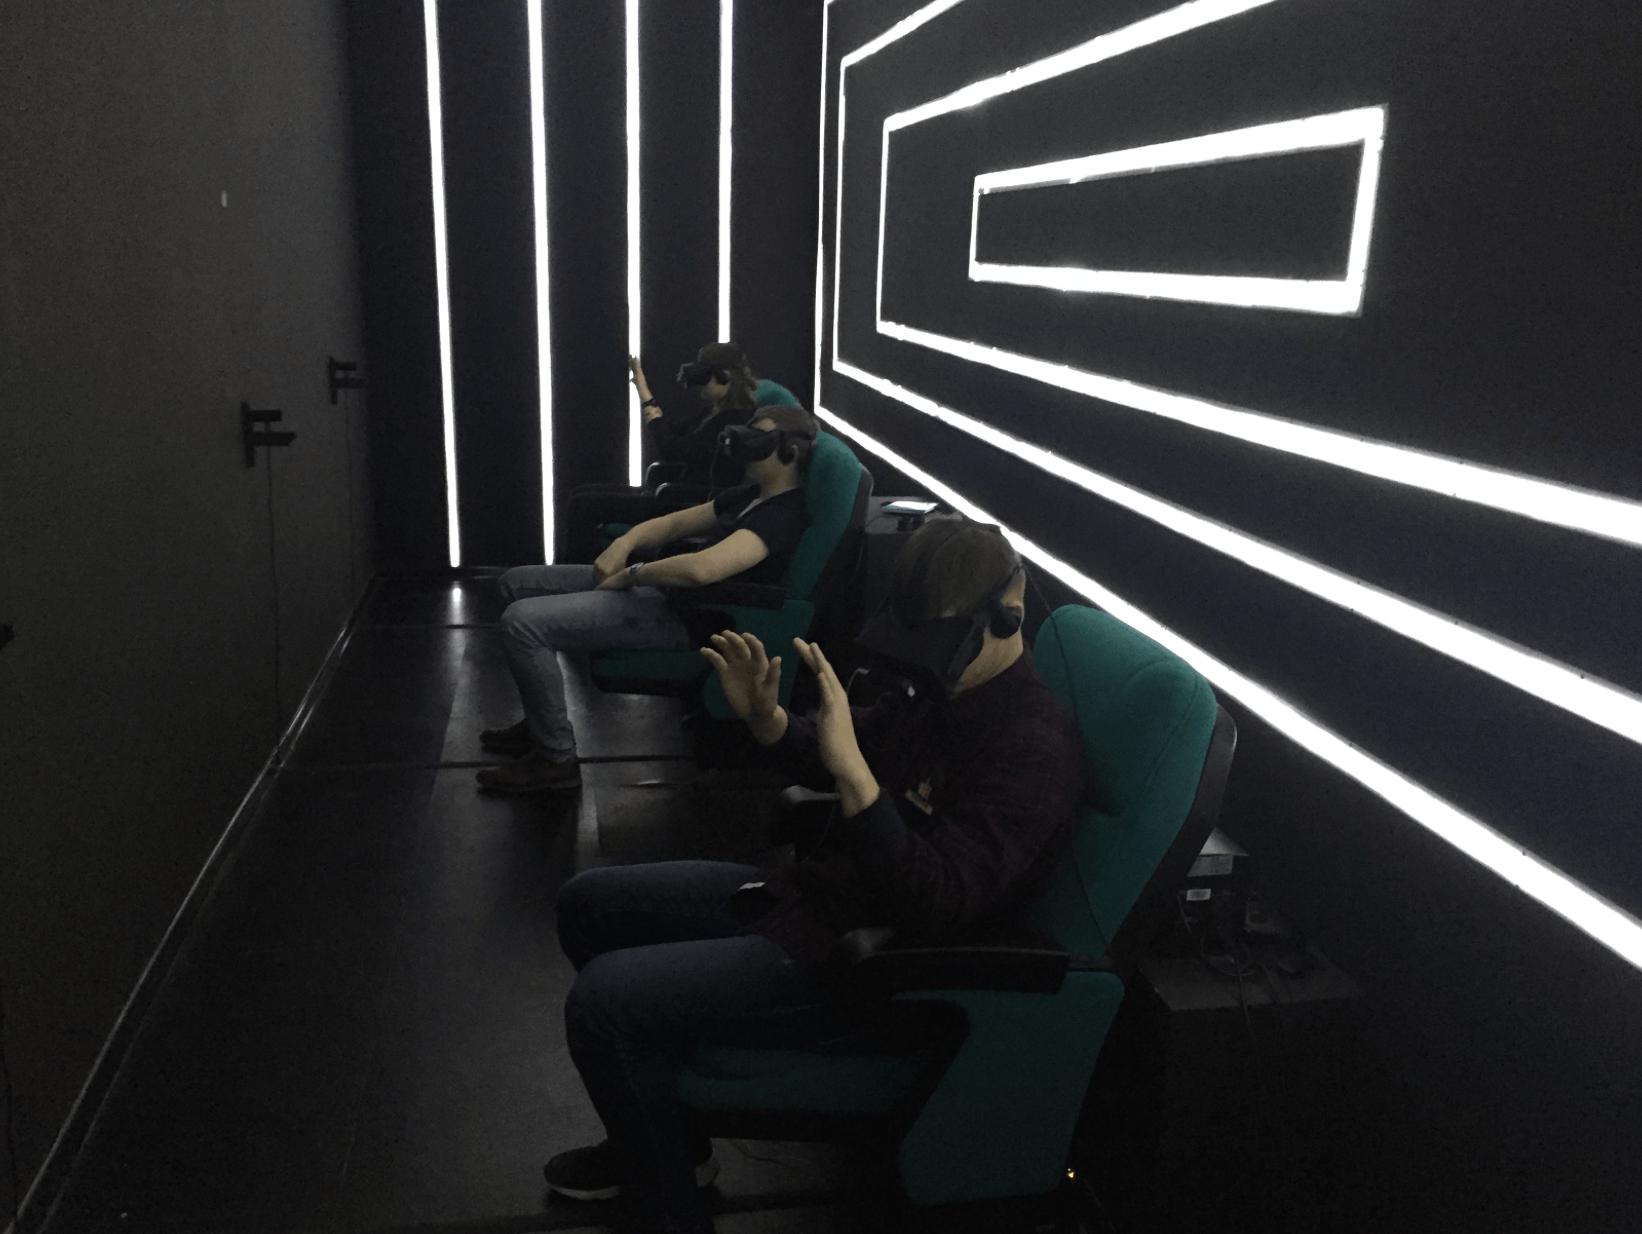 Грабли виртуального квеста, часть первая: гейм-дизайн, разработчики, выбор шлема - 5